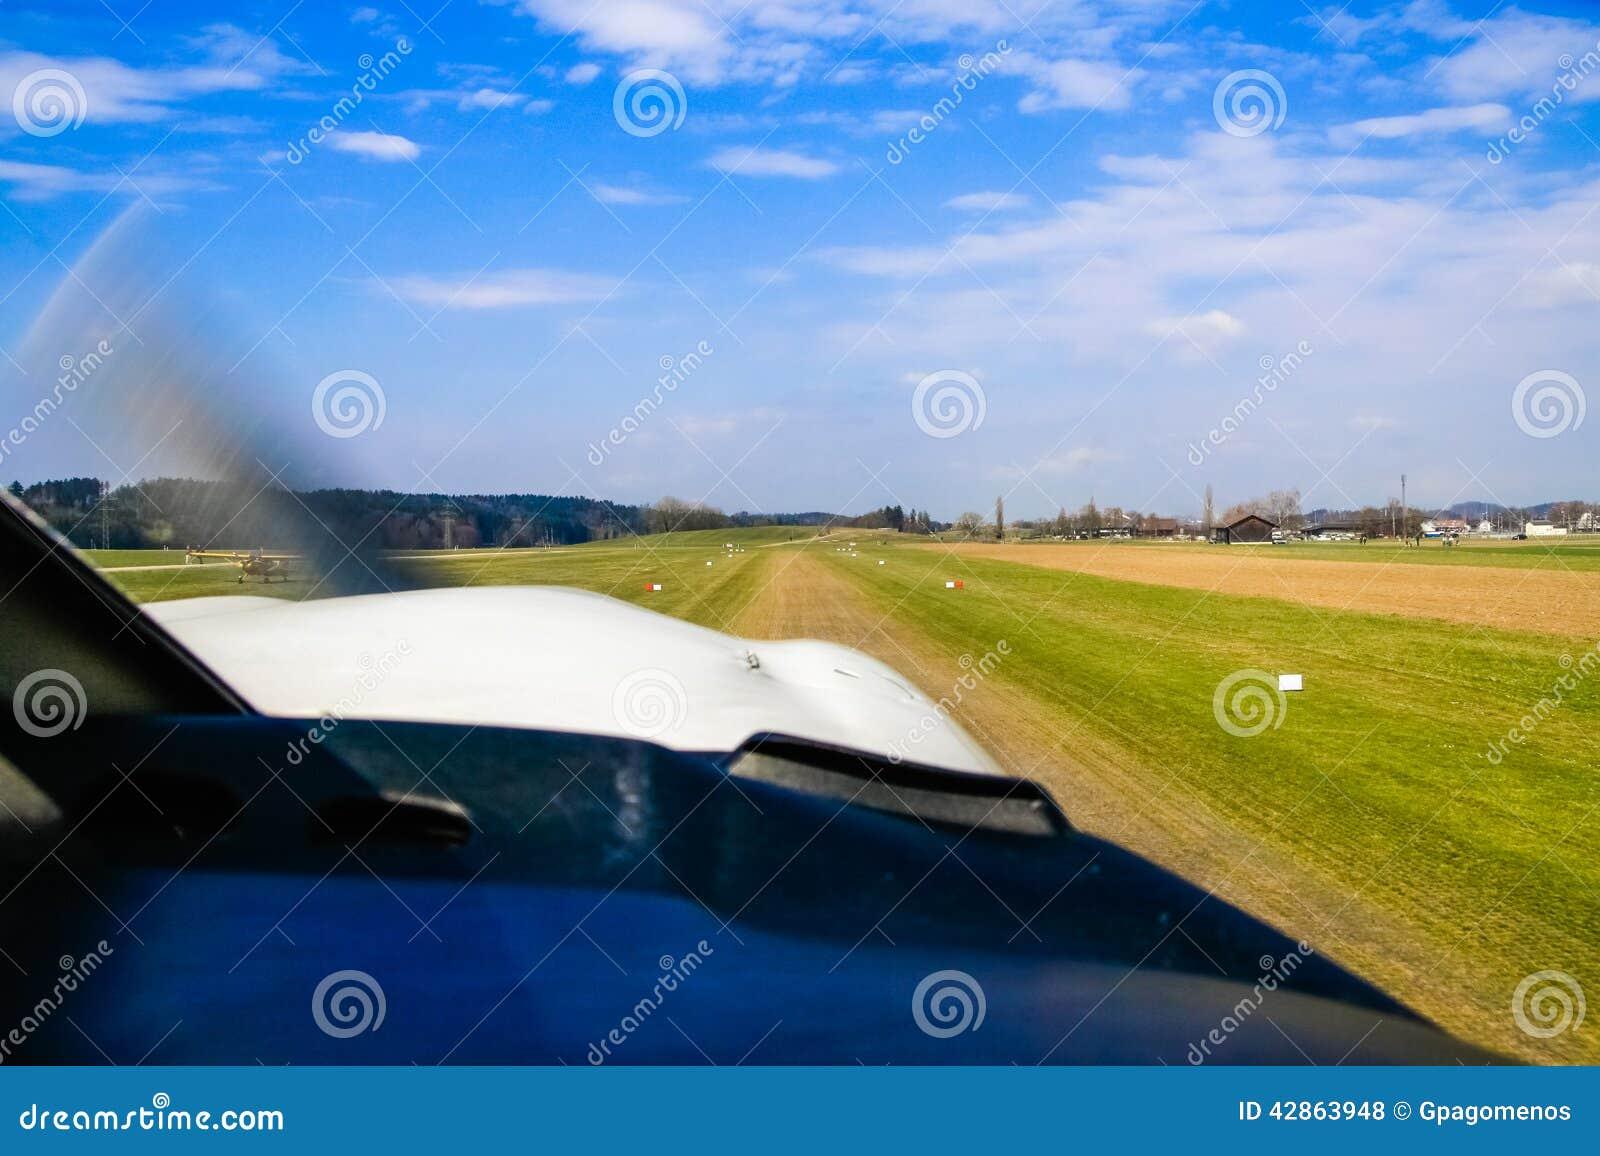 收税从飞机驾驶舱舱窗观看的起飞的